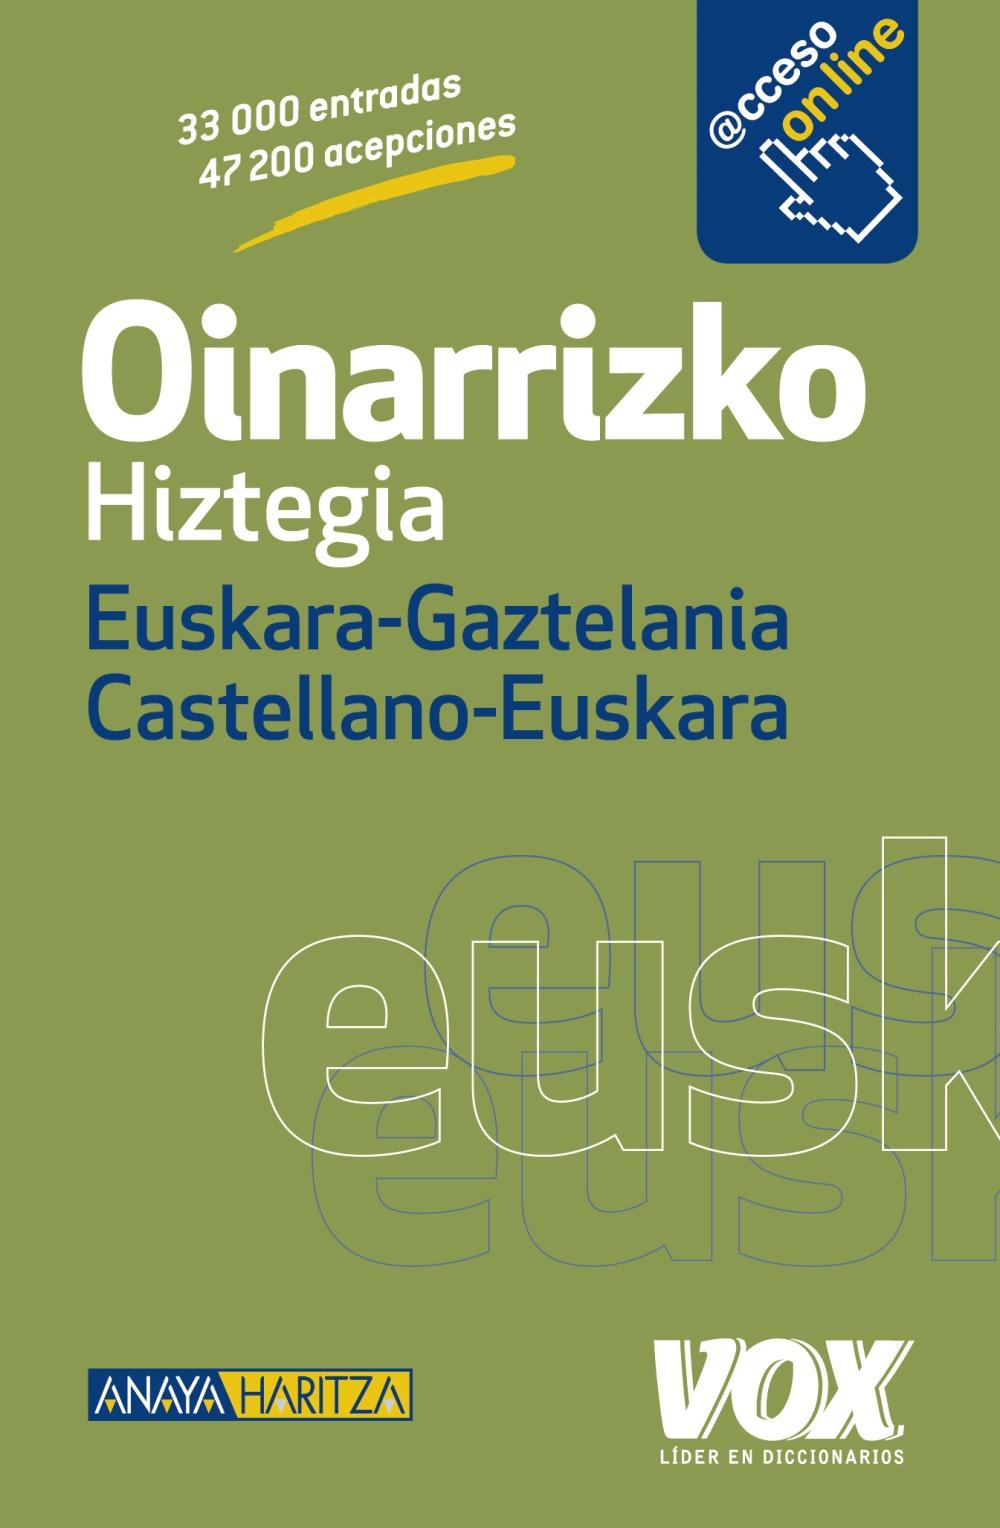 Oinarrizko Hiztegia Euskara-Gaztelania / Castellano-Euskara